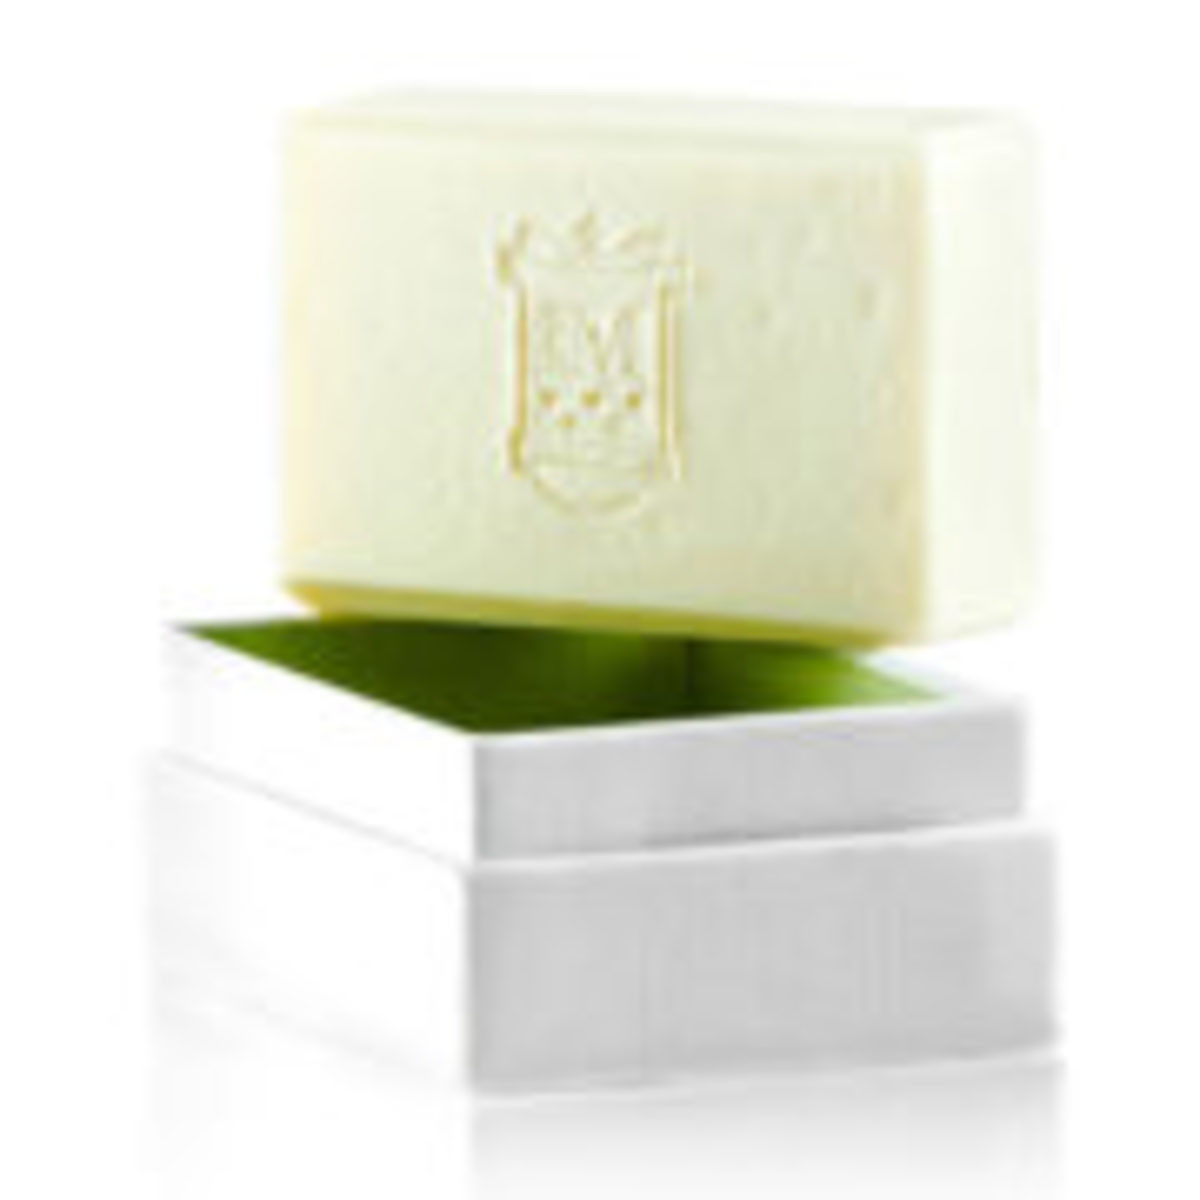 Lavandis szappan 45 g